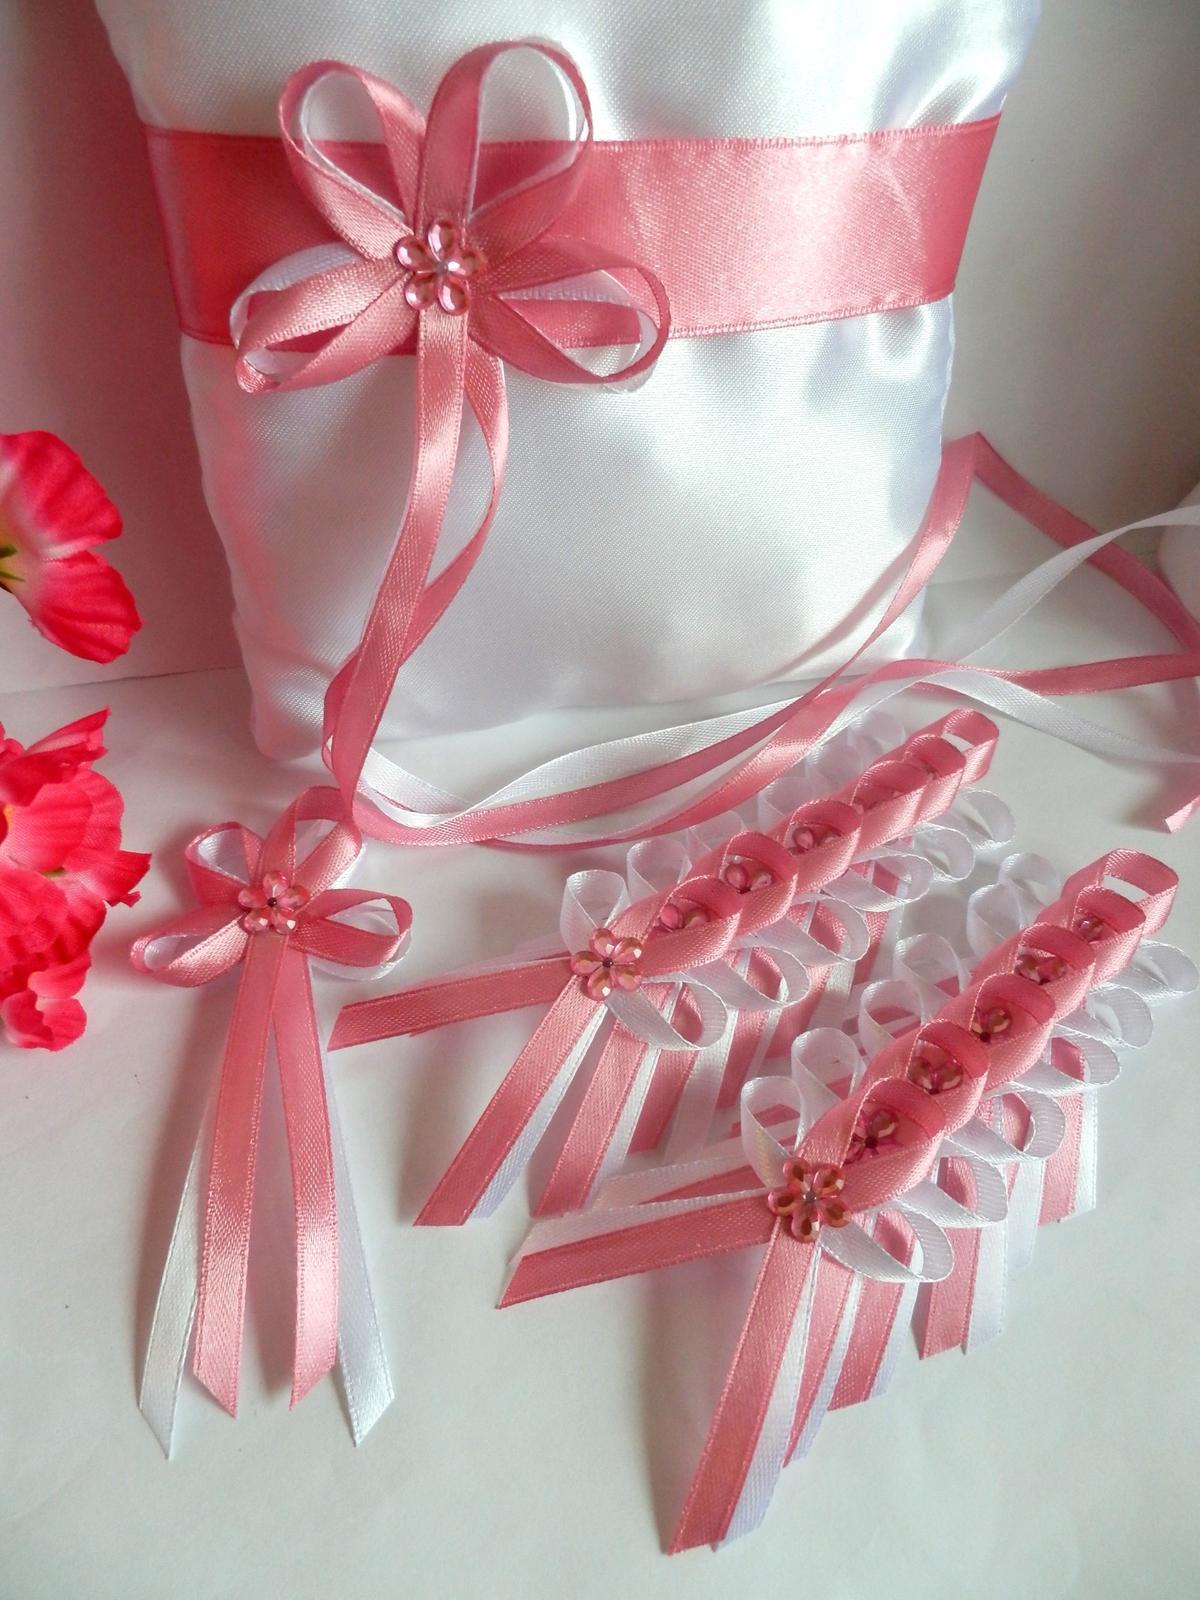 Svatební vývazky, podvazky, polštářky pod prstýnky, náramky.. - Obrázek č. 6